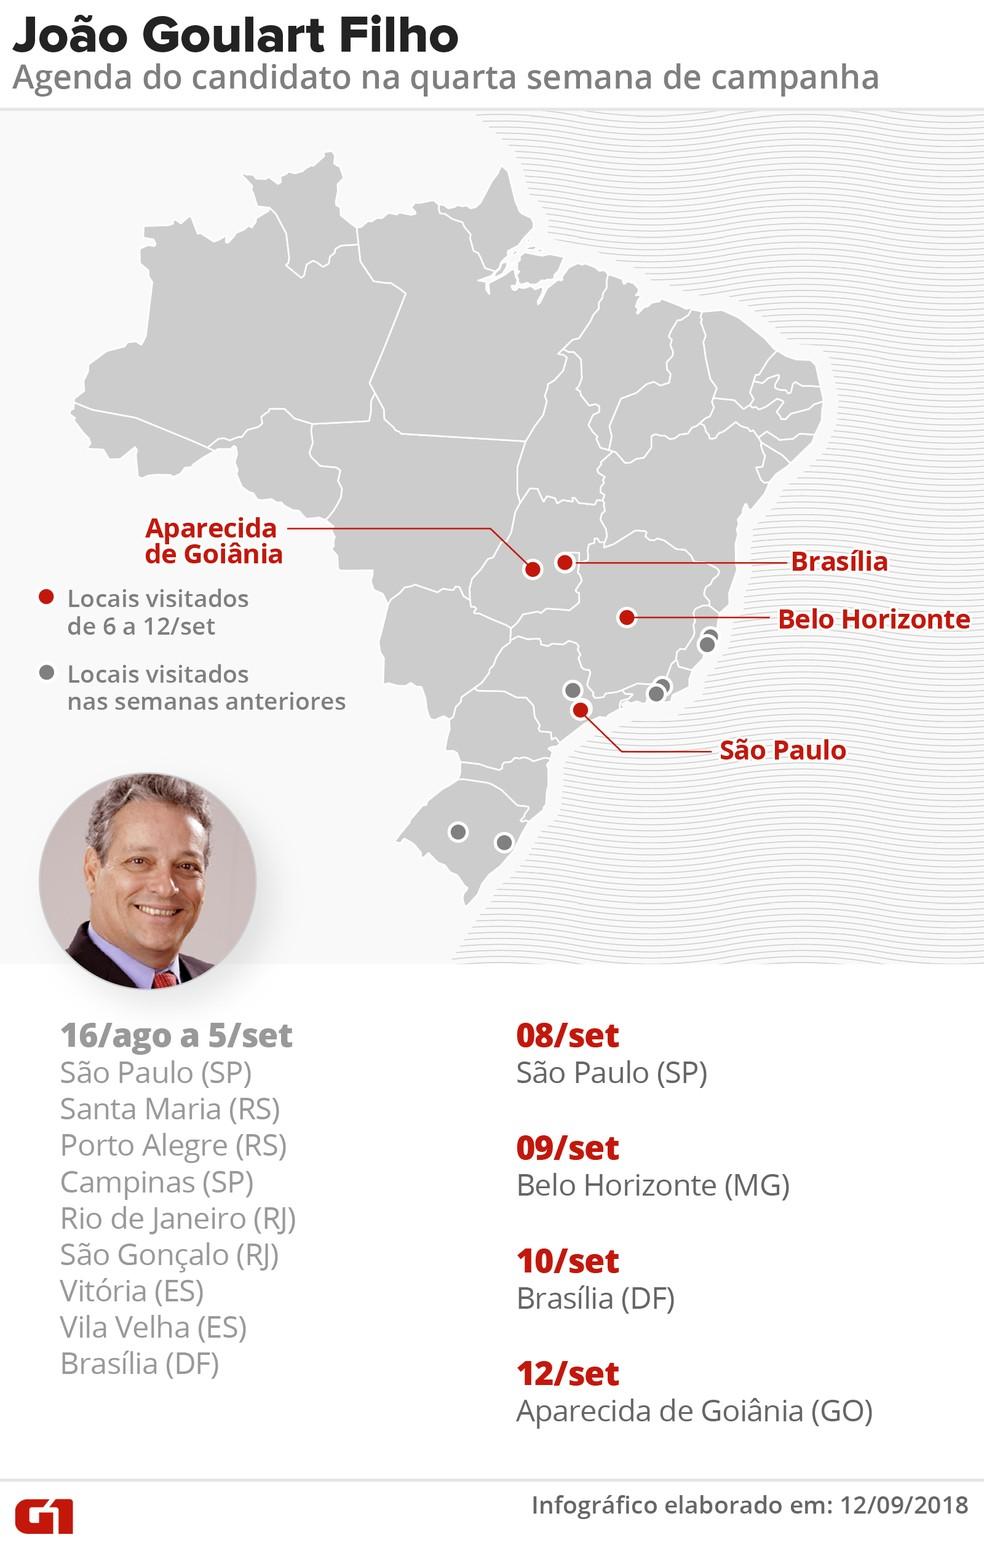 Agendas do candidato João Goulart Filho na 4ª semana de campanha presidencial — Foto: Roberta Jaworski/G1